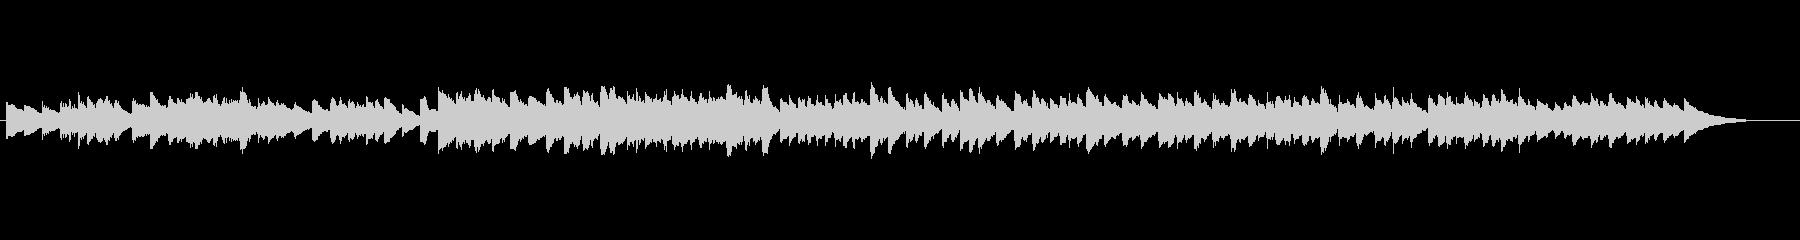 三声のバロック風曲をキラキラオルゴールでの未再生の波形